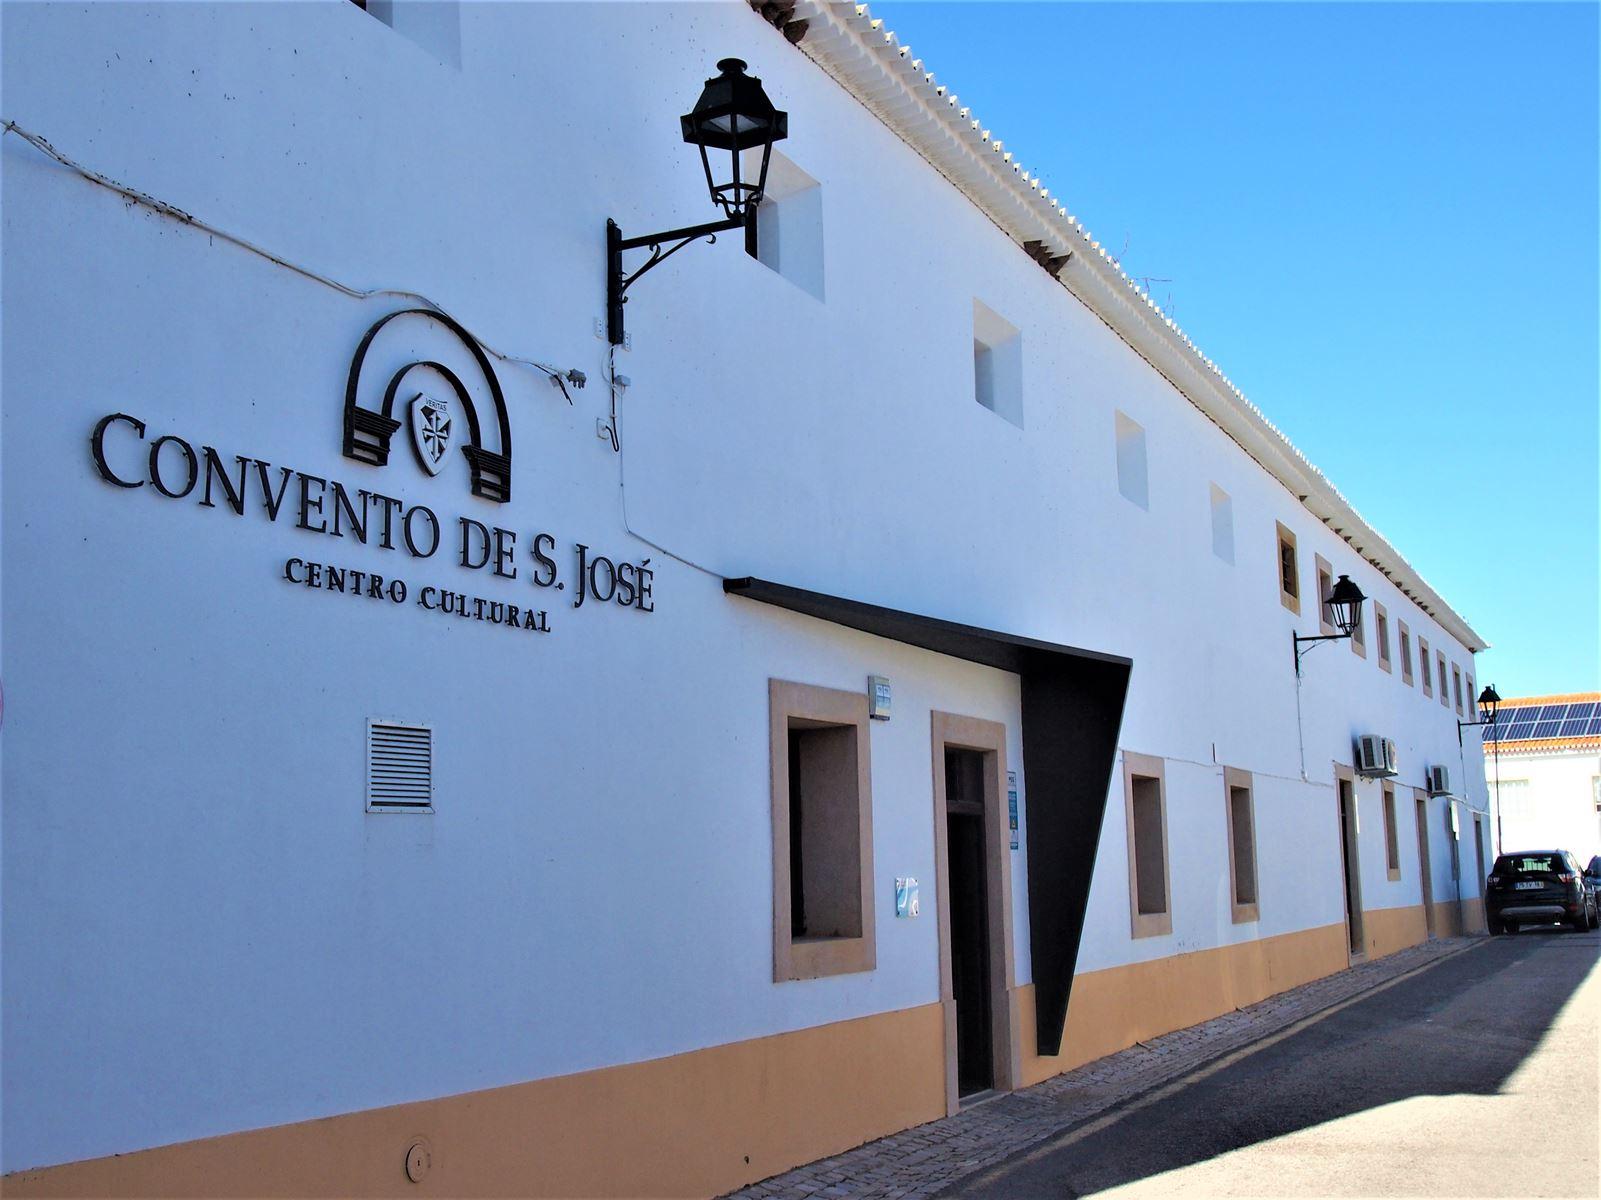 Couvent de São José (couvent de St Joseph), Lagoa, Algarve